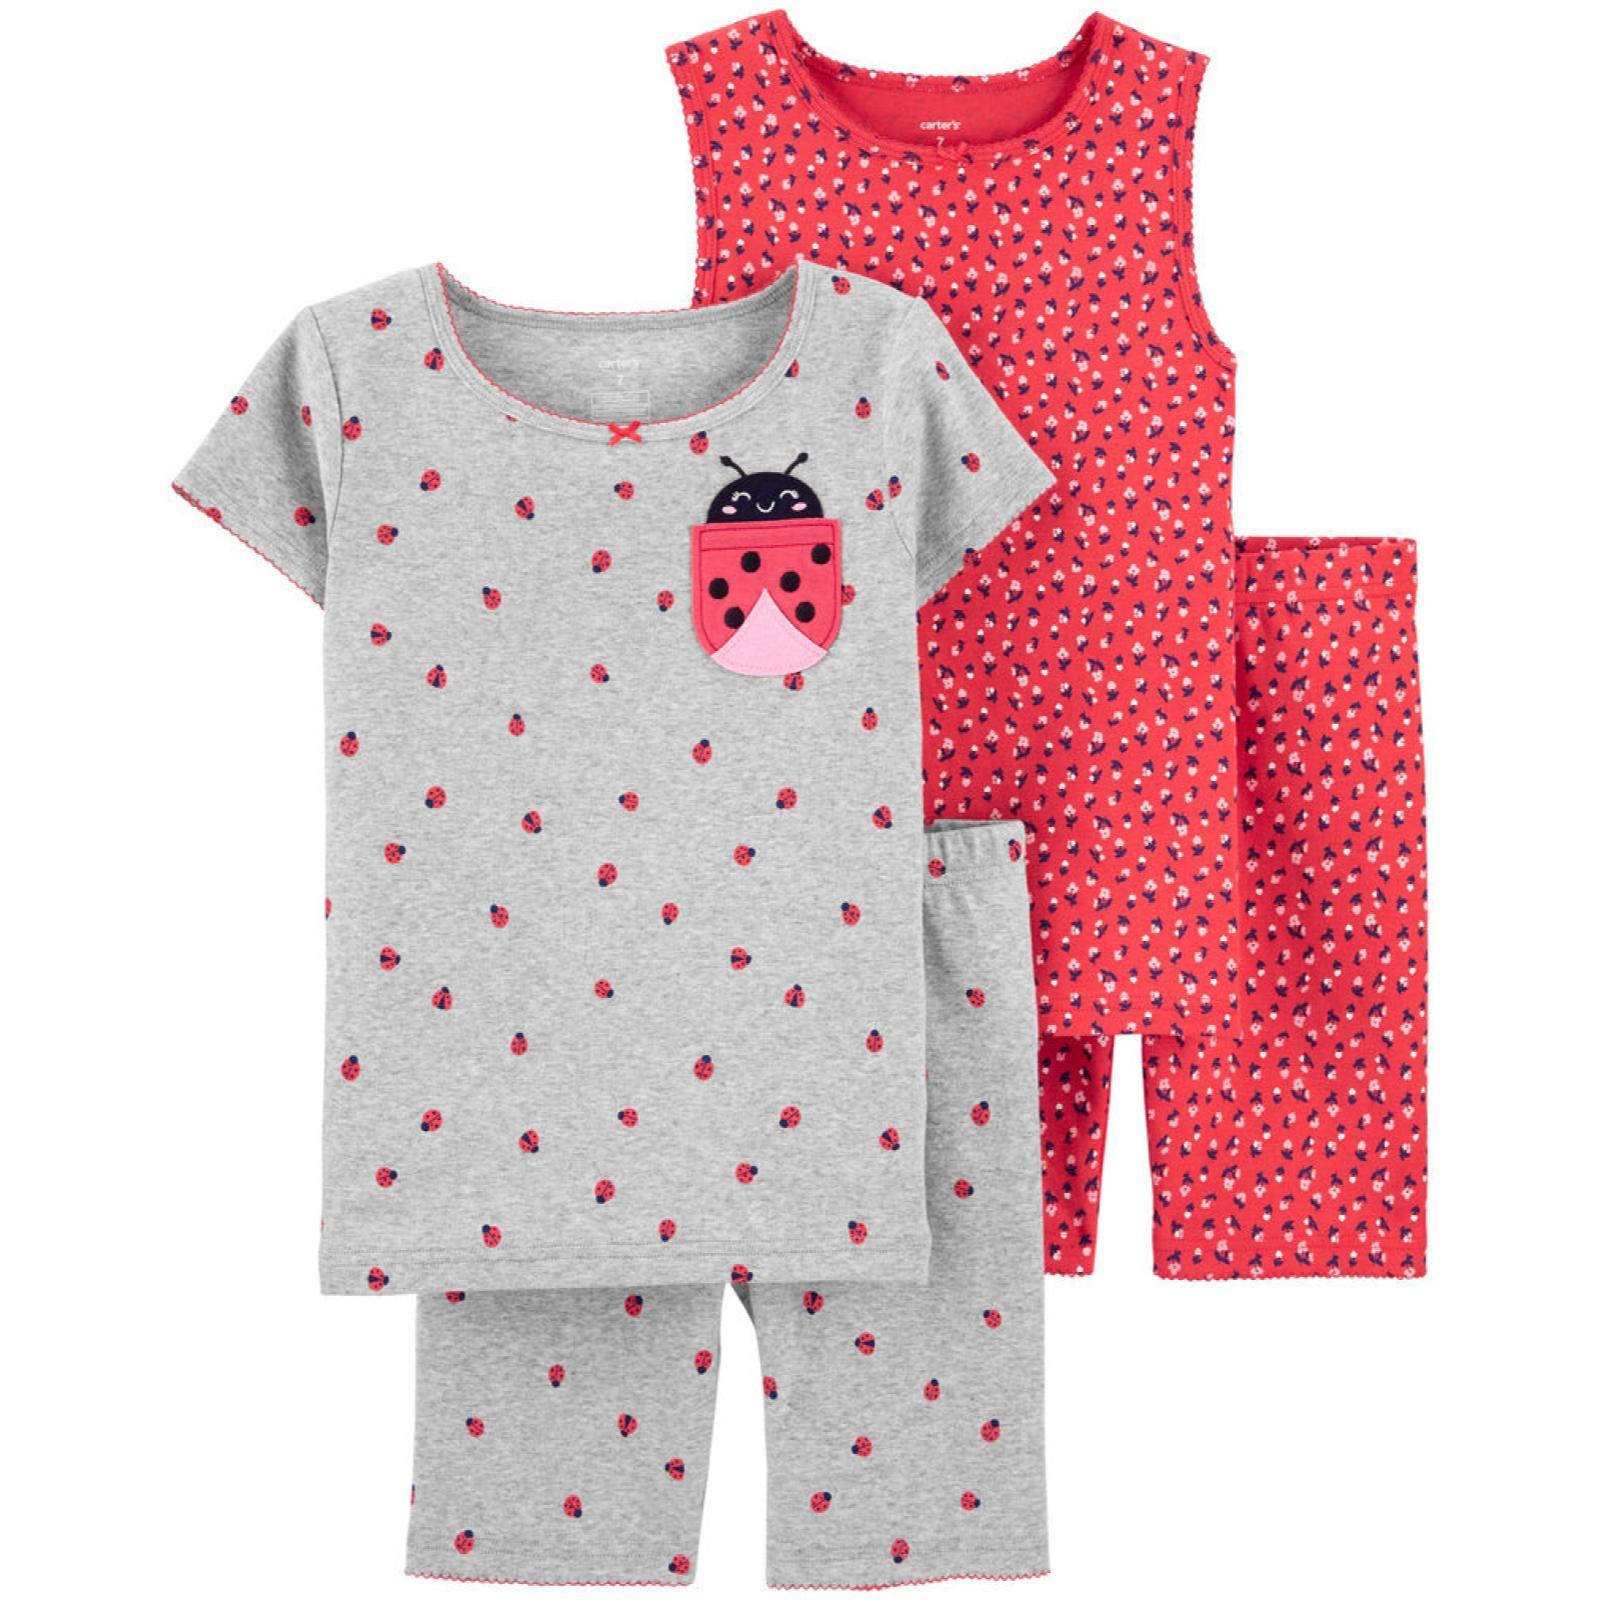 Pijama 4 peças joaninha | 6 anos